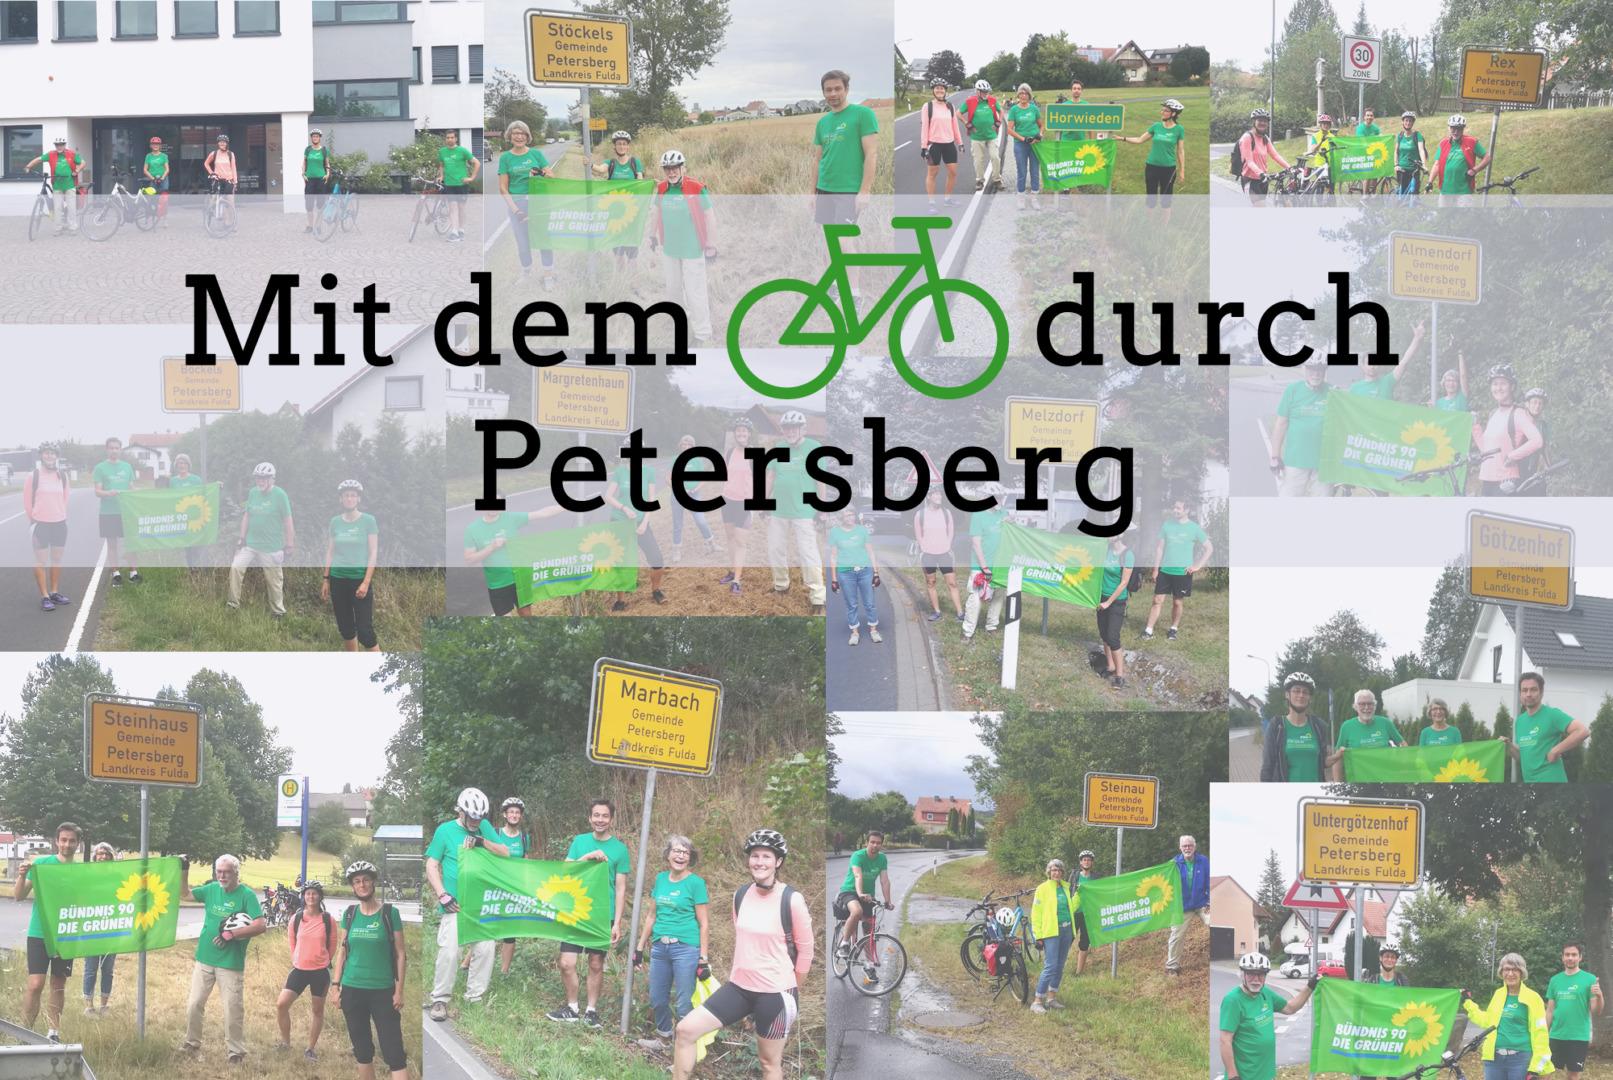 Mit dem Rad durch Petersberg